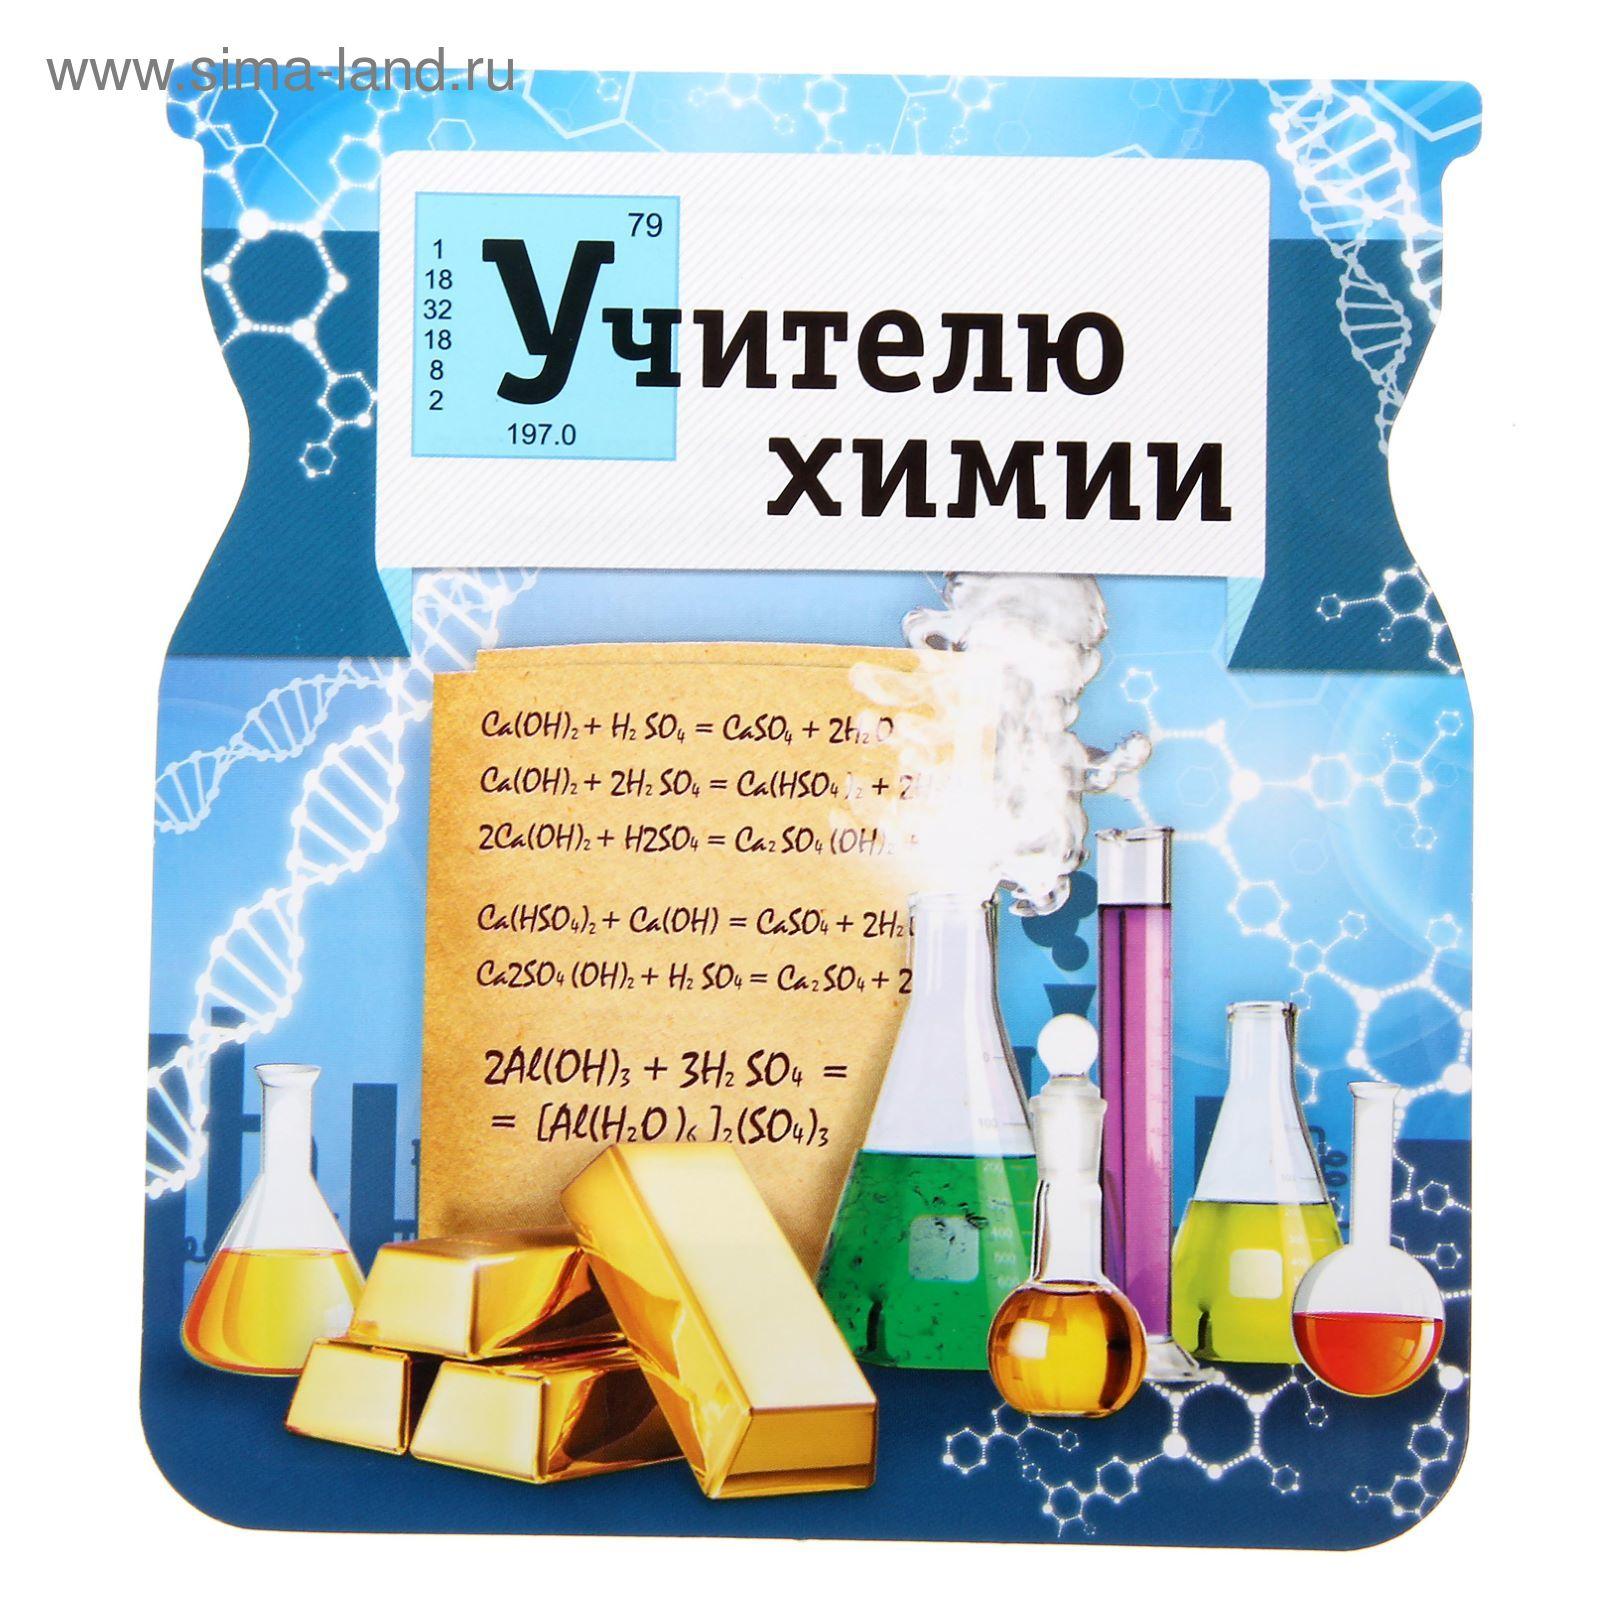 Стихи учителям химии на день учителя